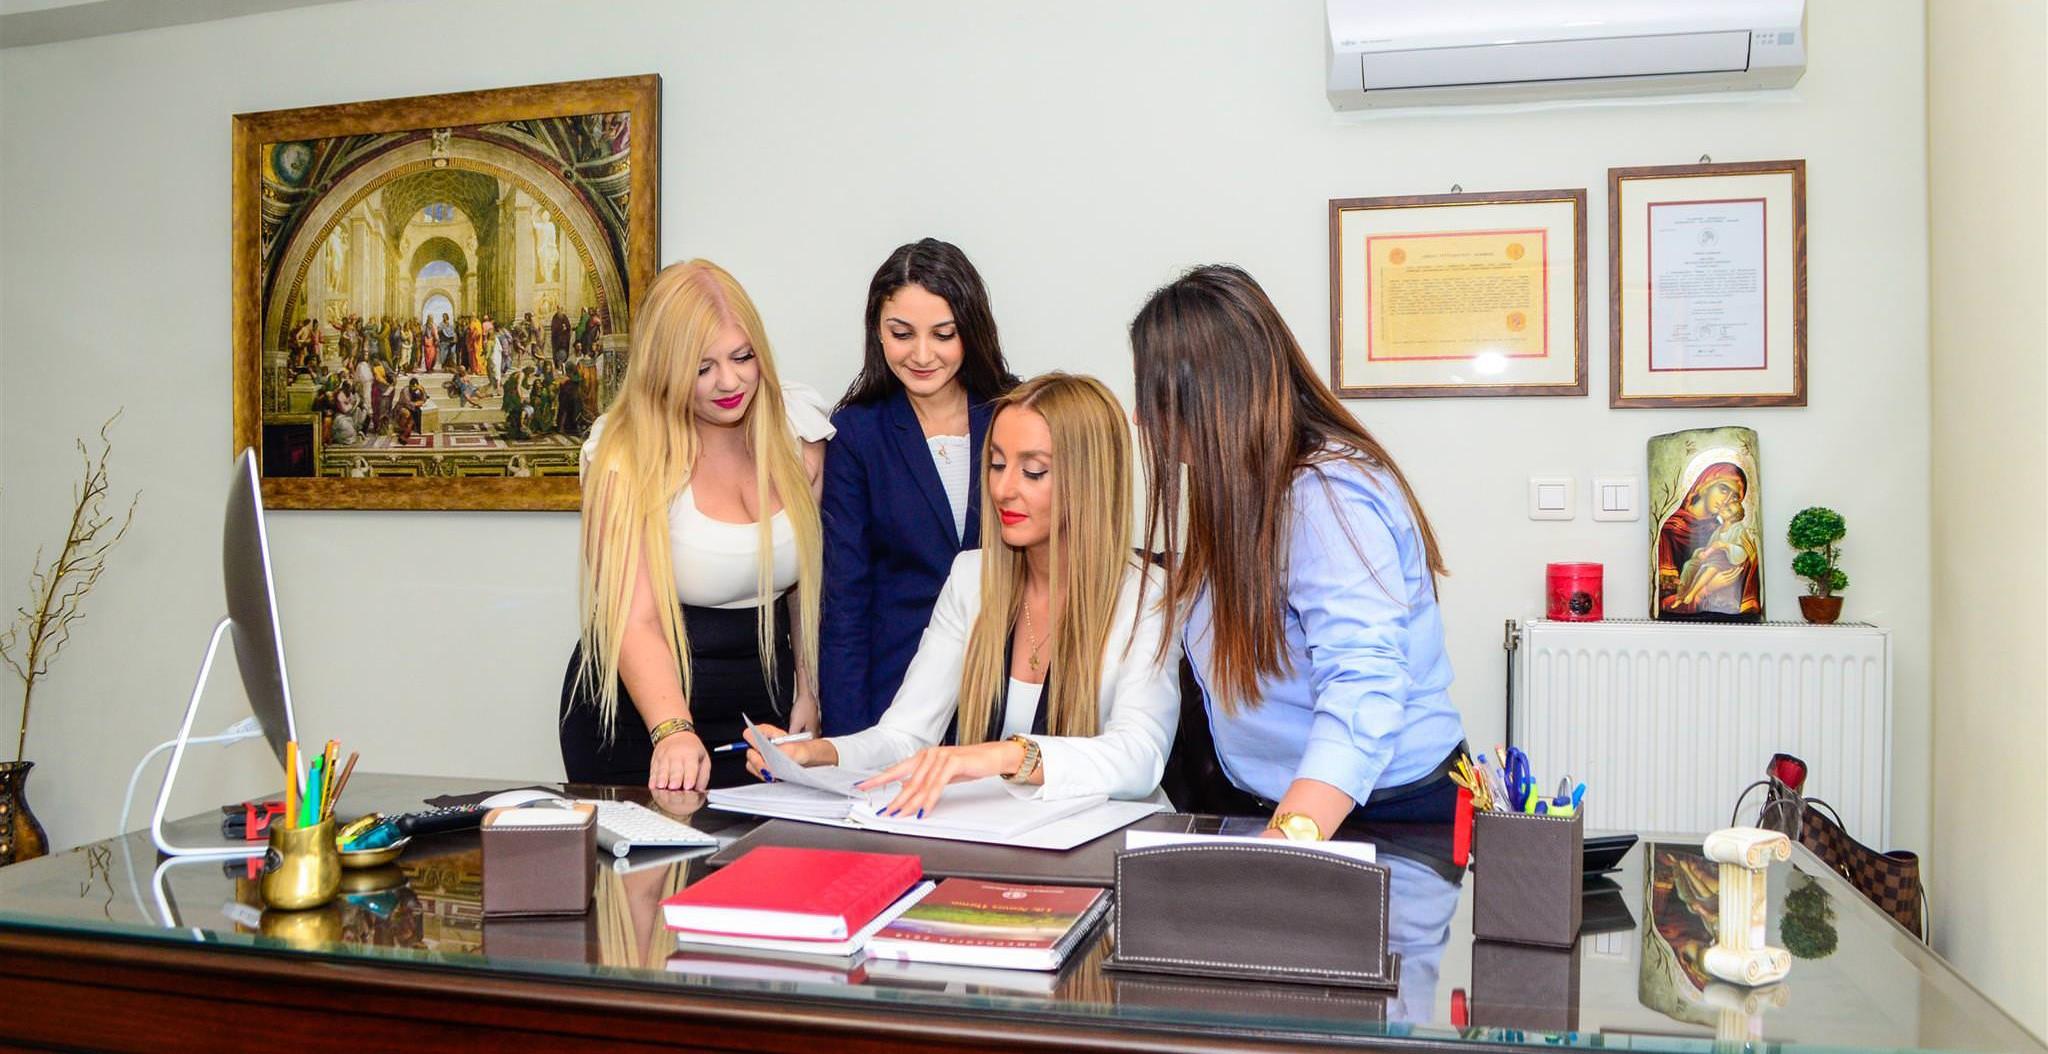 Χαρτοματζίδου Μαρία & Συνεργάτες - Δικηγορικό Γραφείο